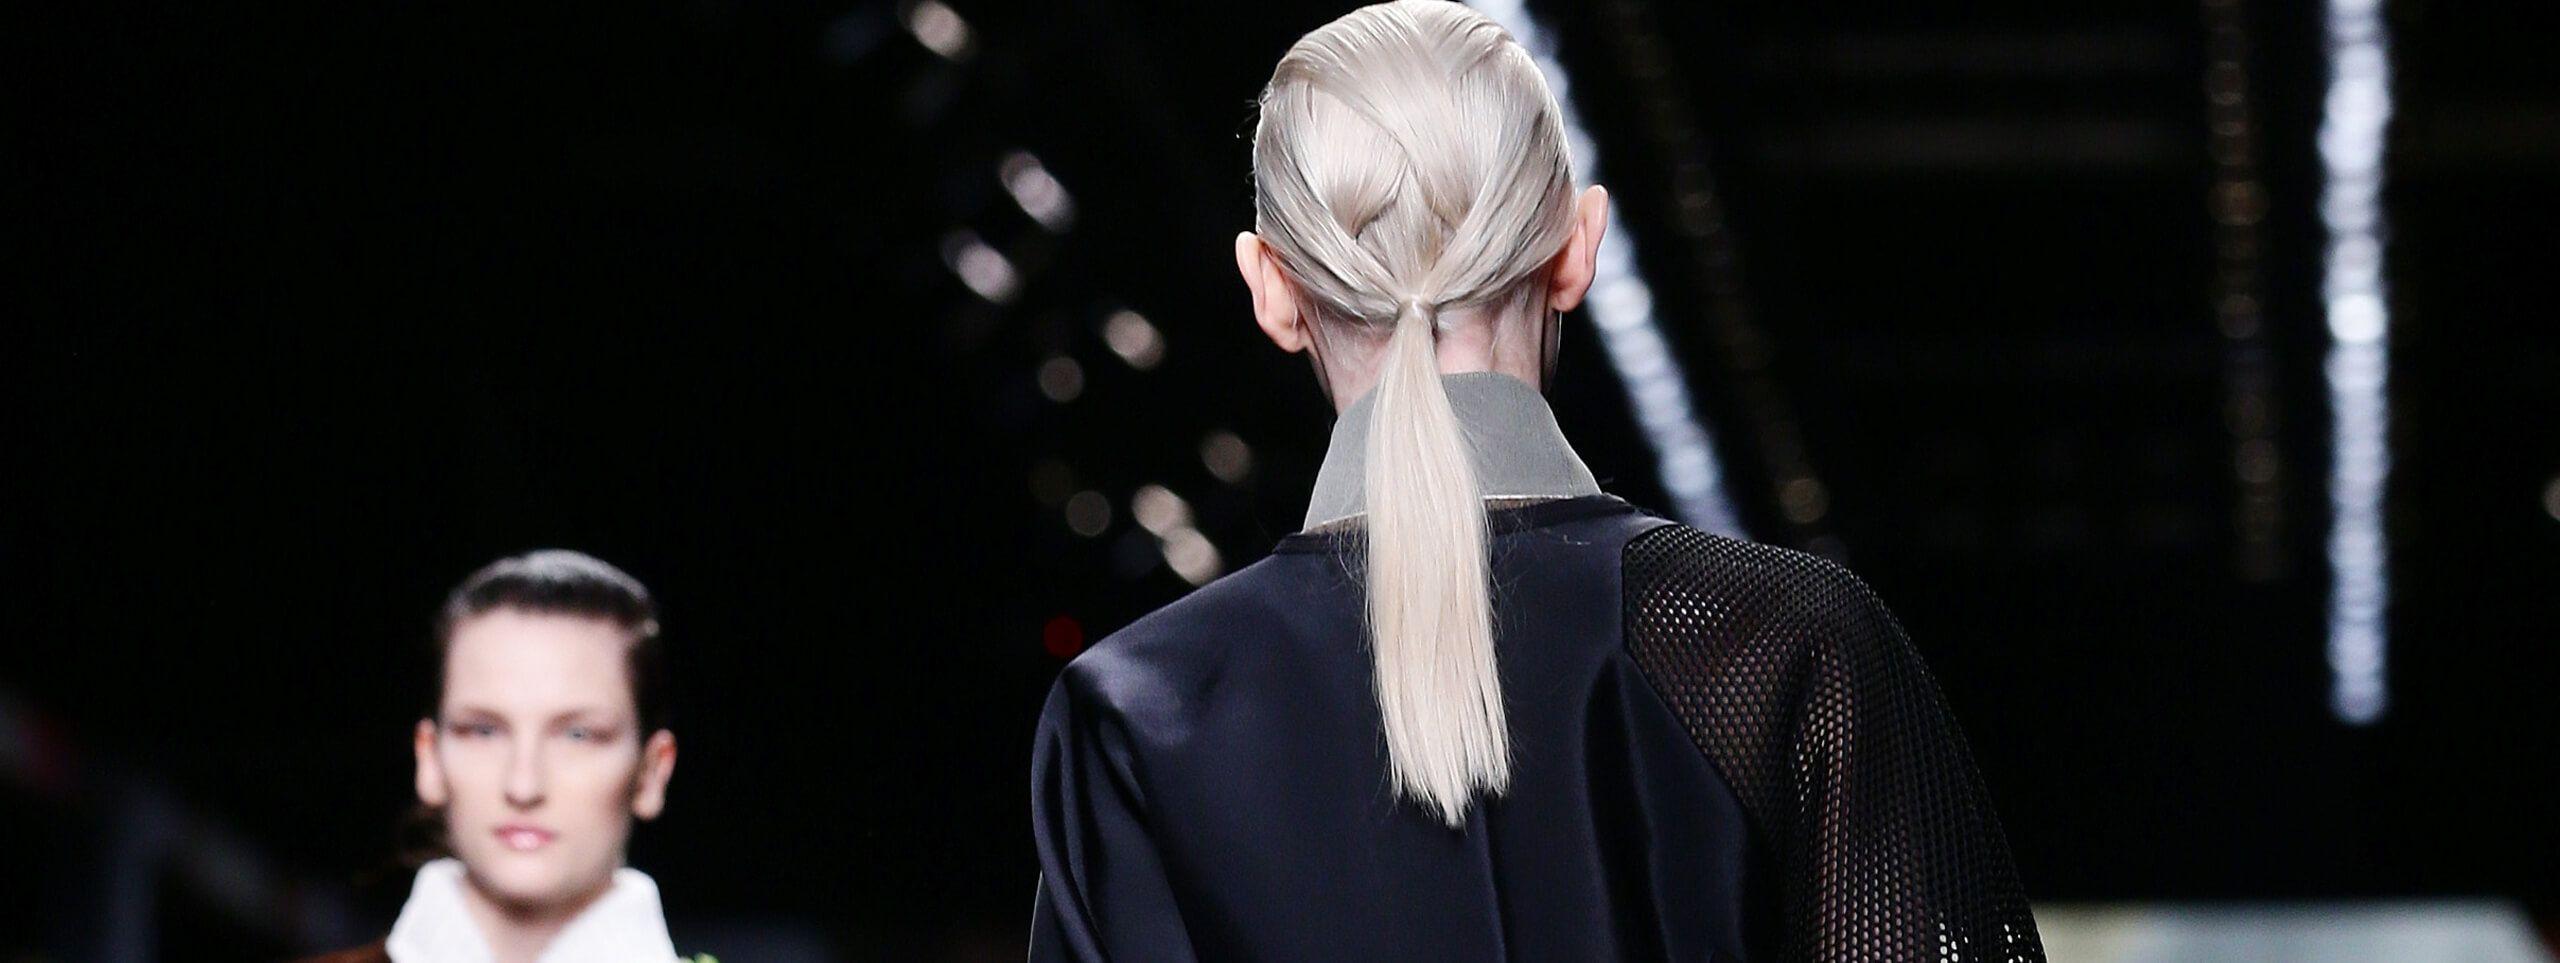 Modella acconciatura coda di cavallo biondo platino